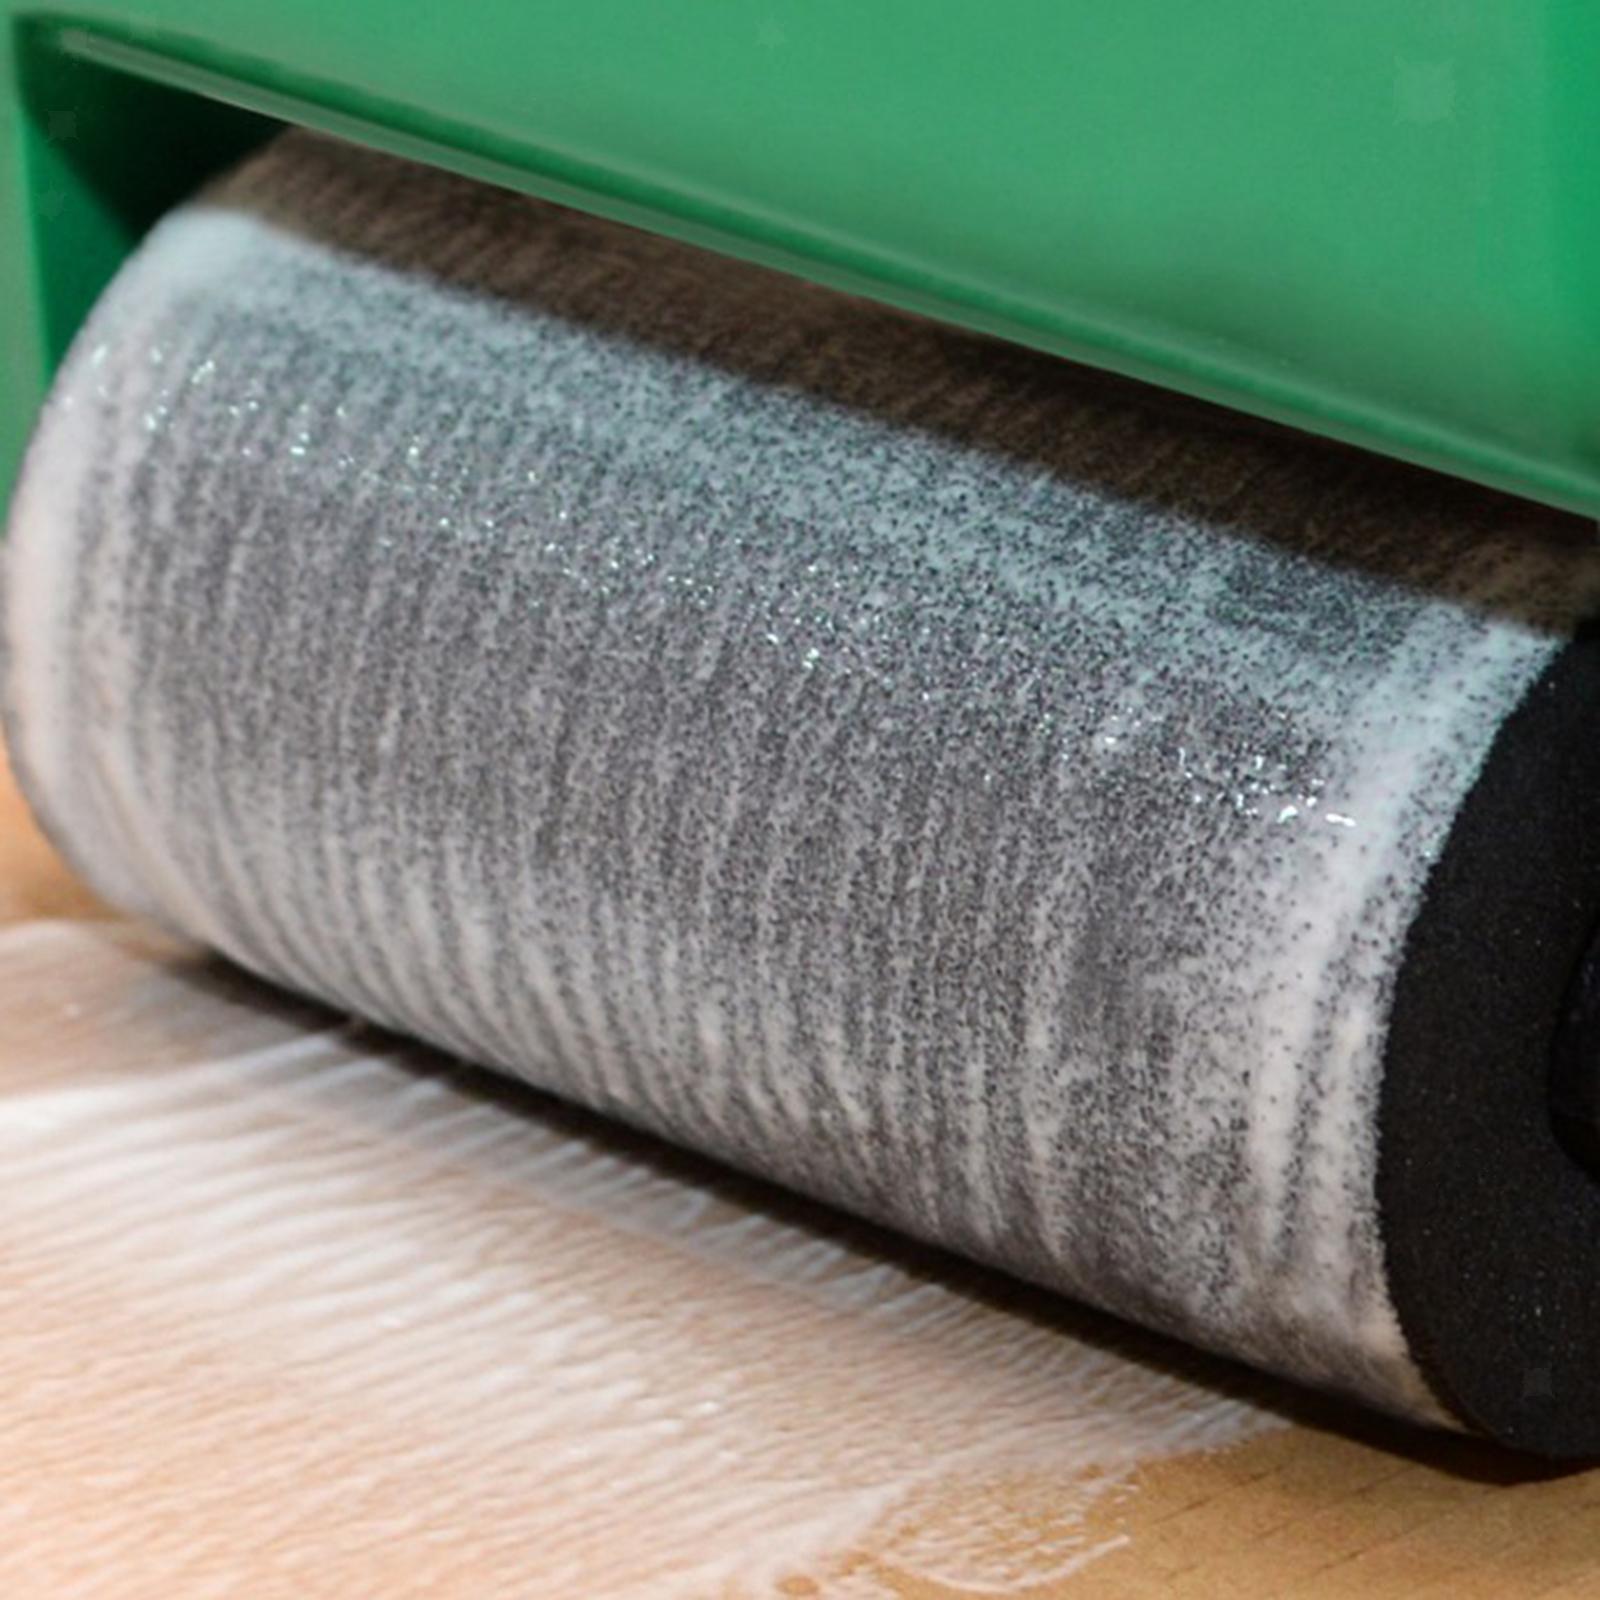 miniatura 10 - 180mL/320mL Portatile Colla Applicatore Rullo Professionale Rivestito Colla